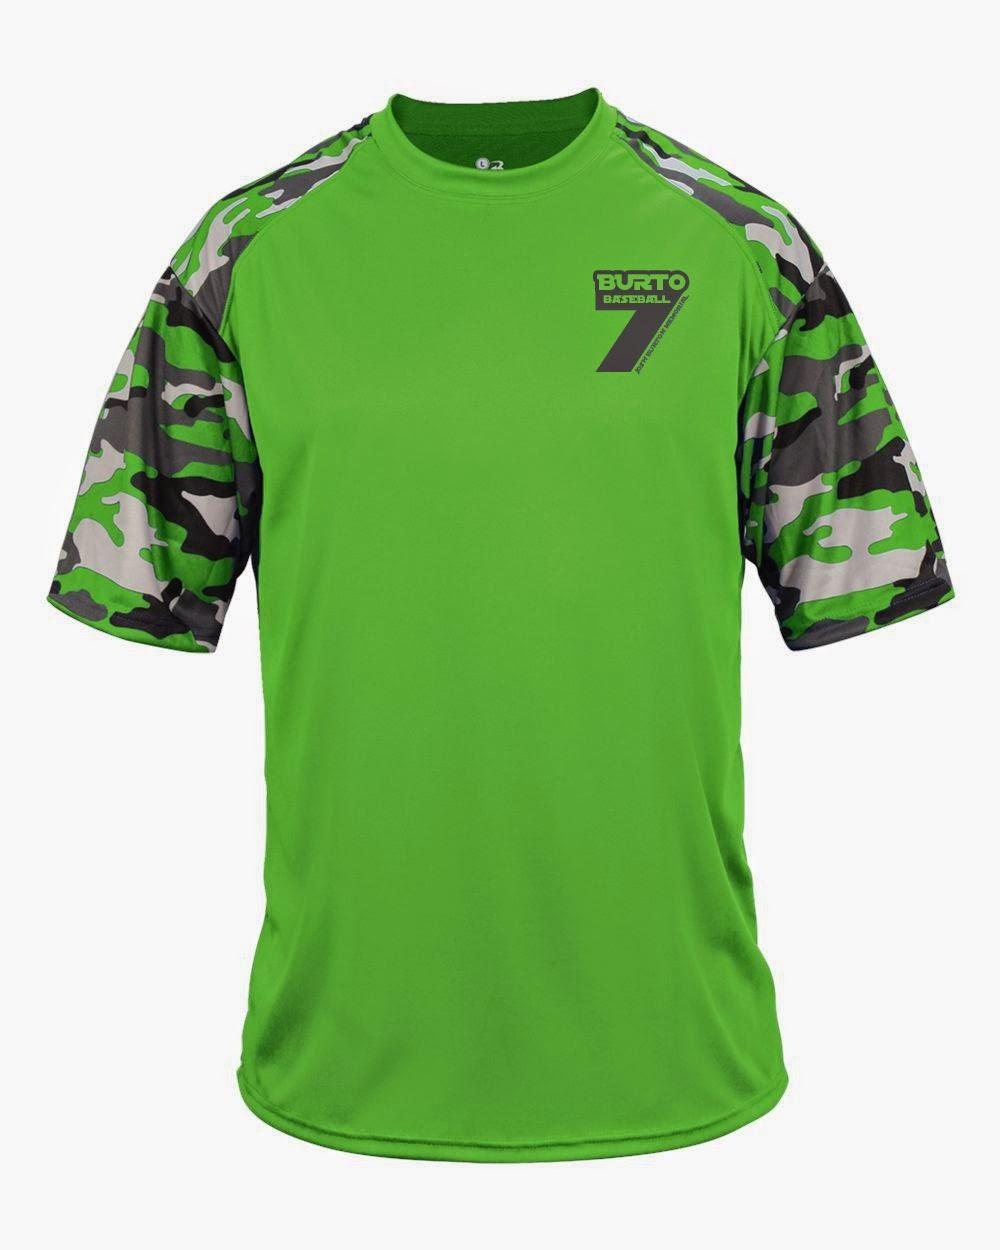 2015 T-Shirt Design